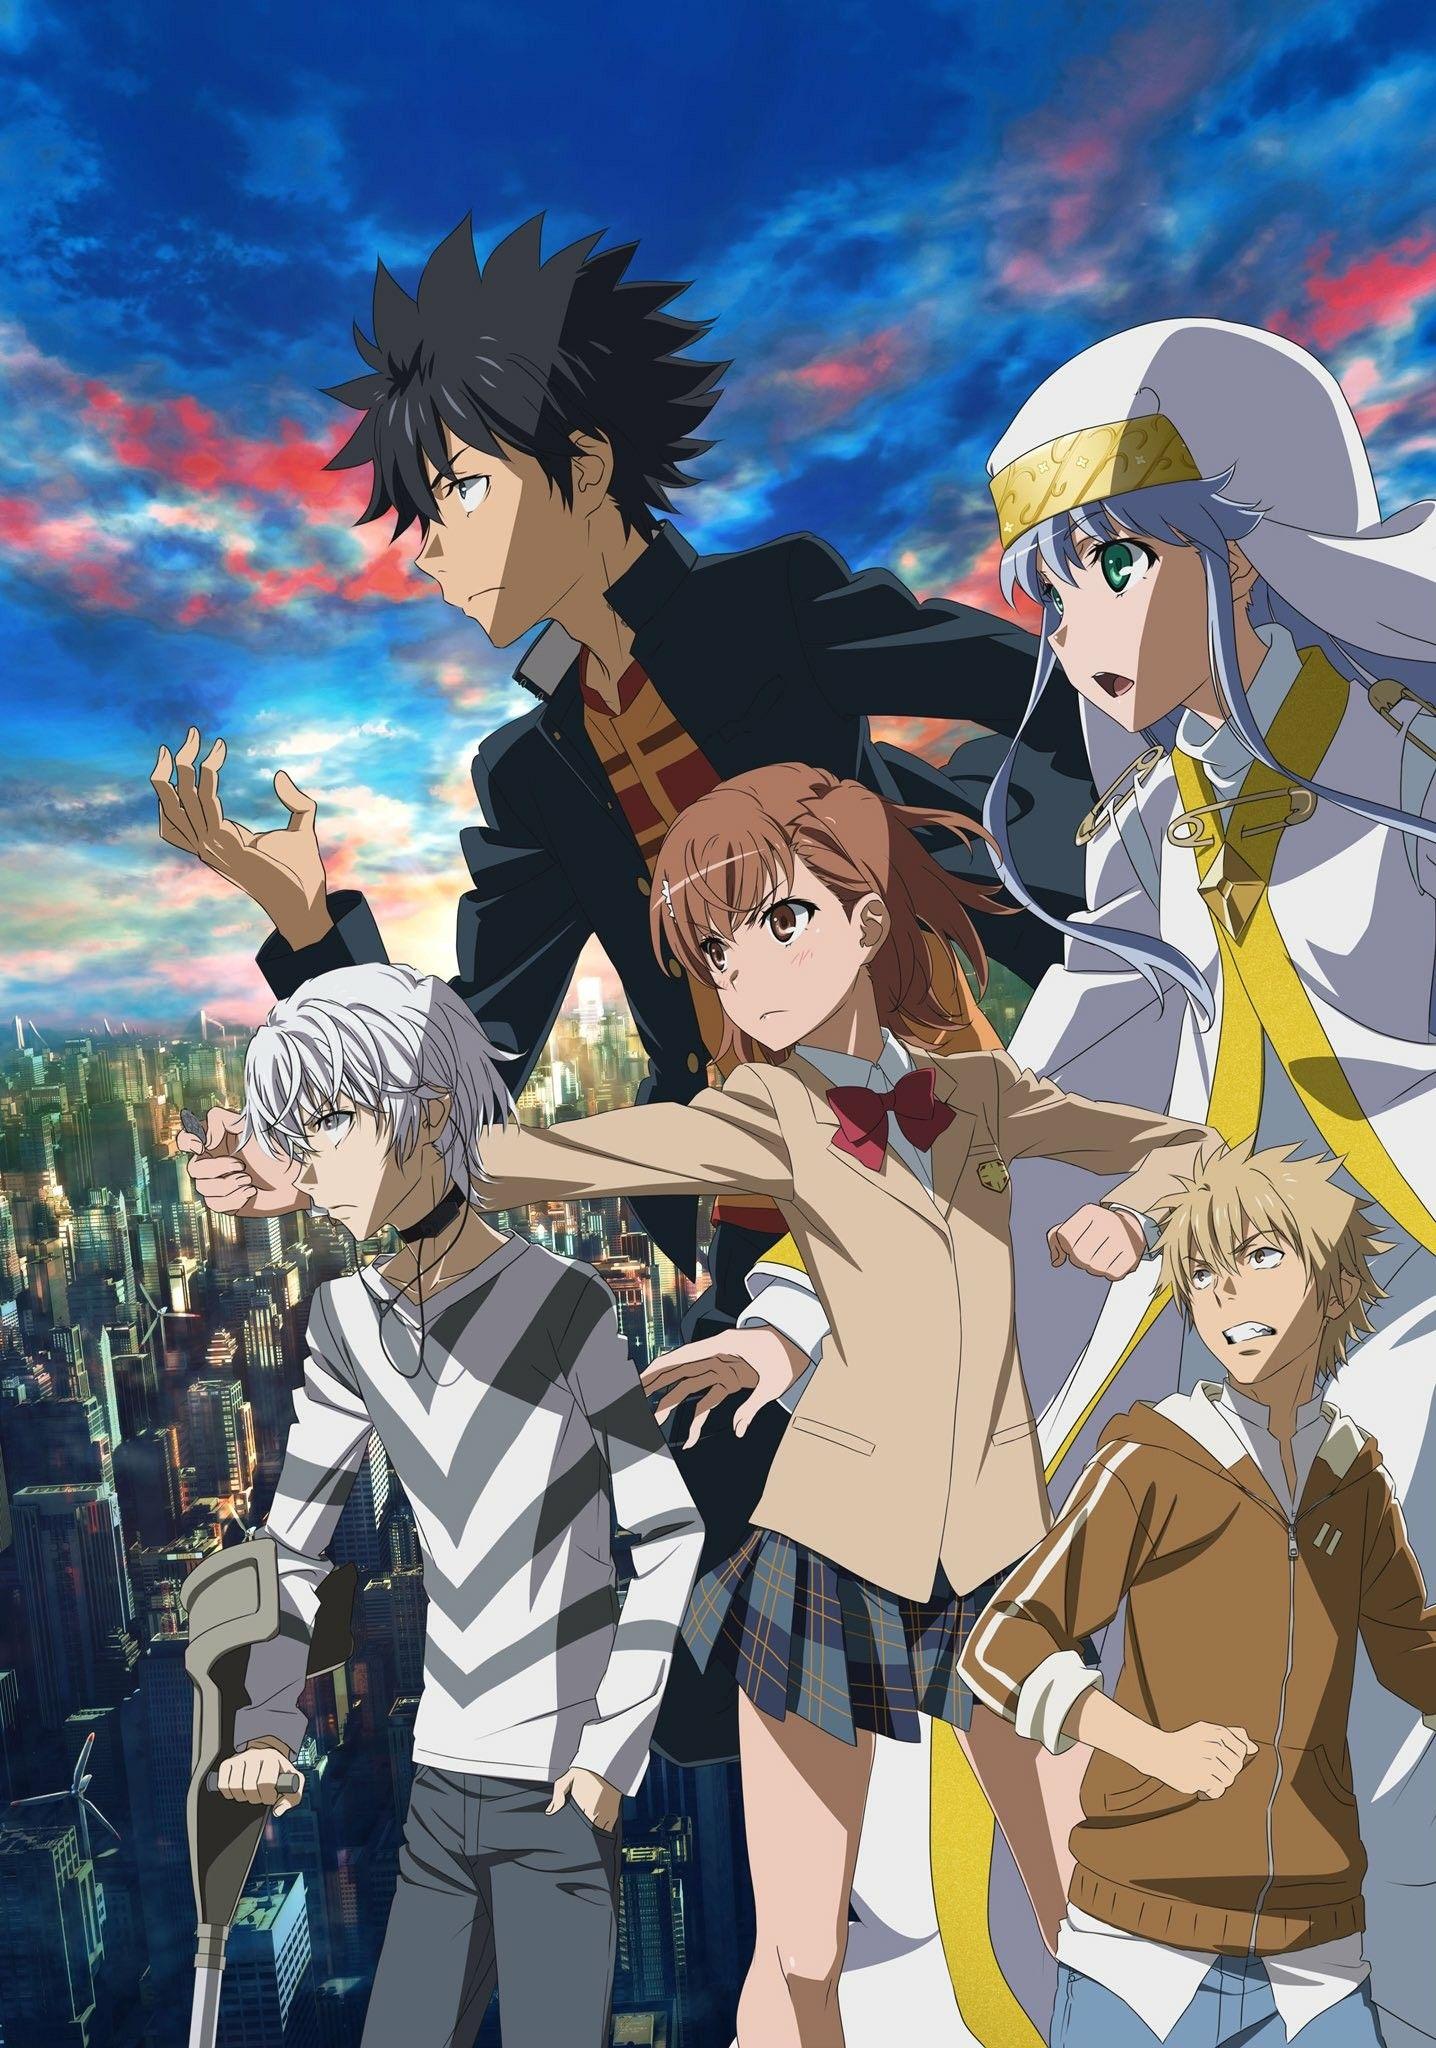 A Certain Magical Index Iii Anime Latest Anime A Certain